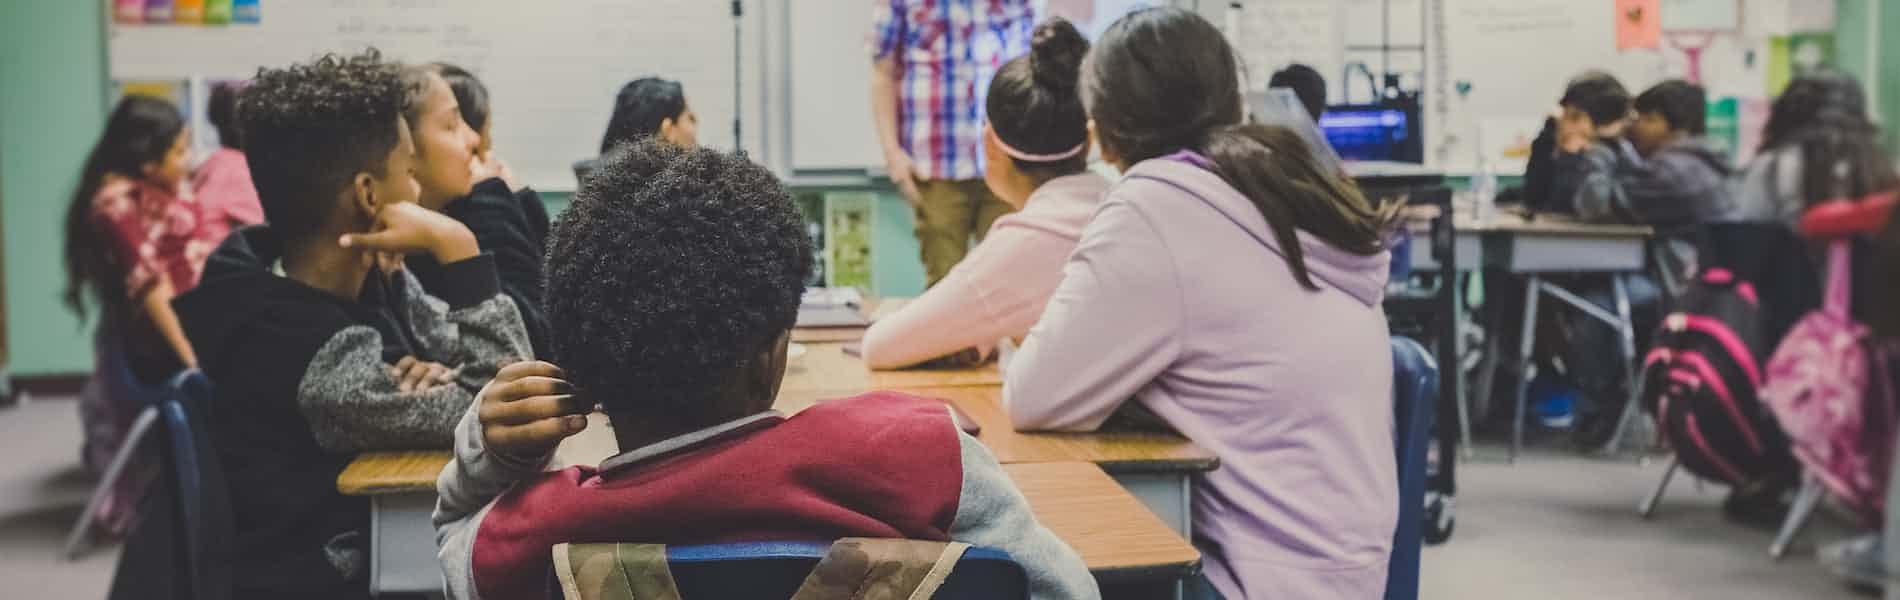 מורים אמיצים: מהישרדות לשליחות